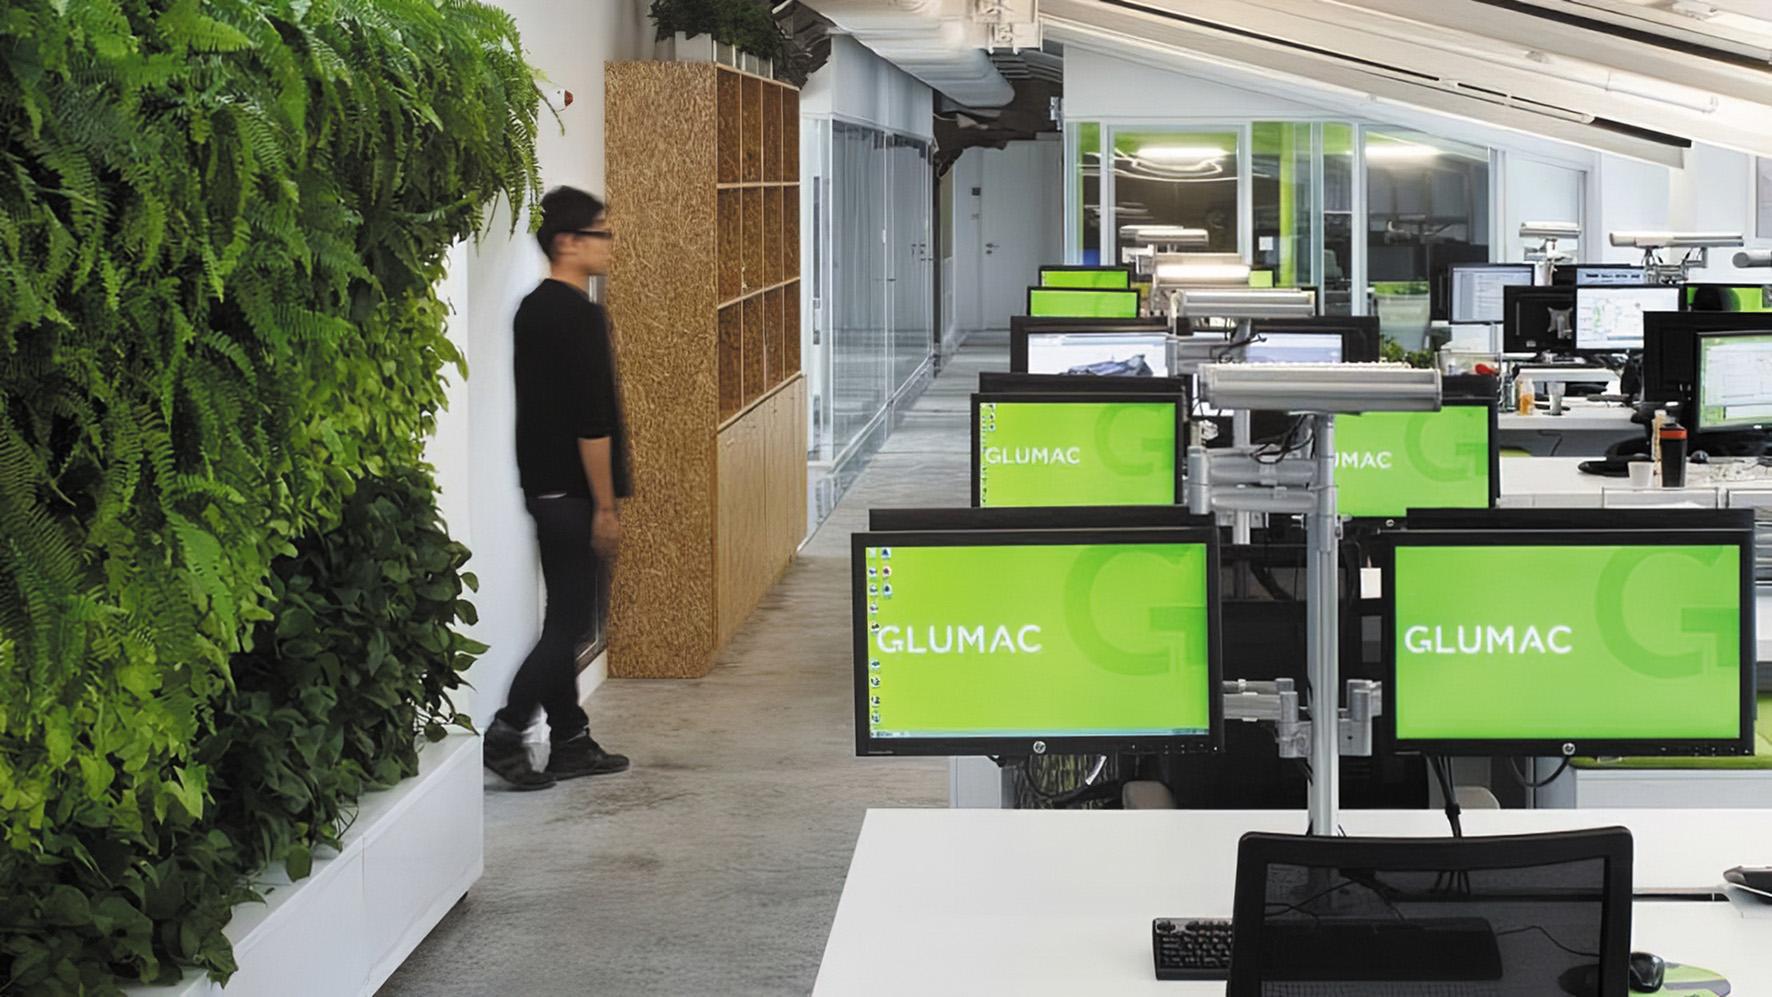 Мы любим нашу зеленую стену в офисе в Шанхае. Но пришло время выйти за рамки этих интеграций, чтобы действительно перейти к следующему этапу «здорового» проектирования зданий